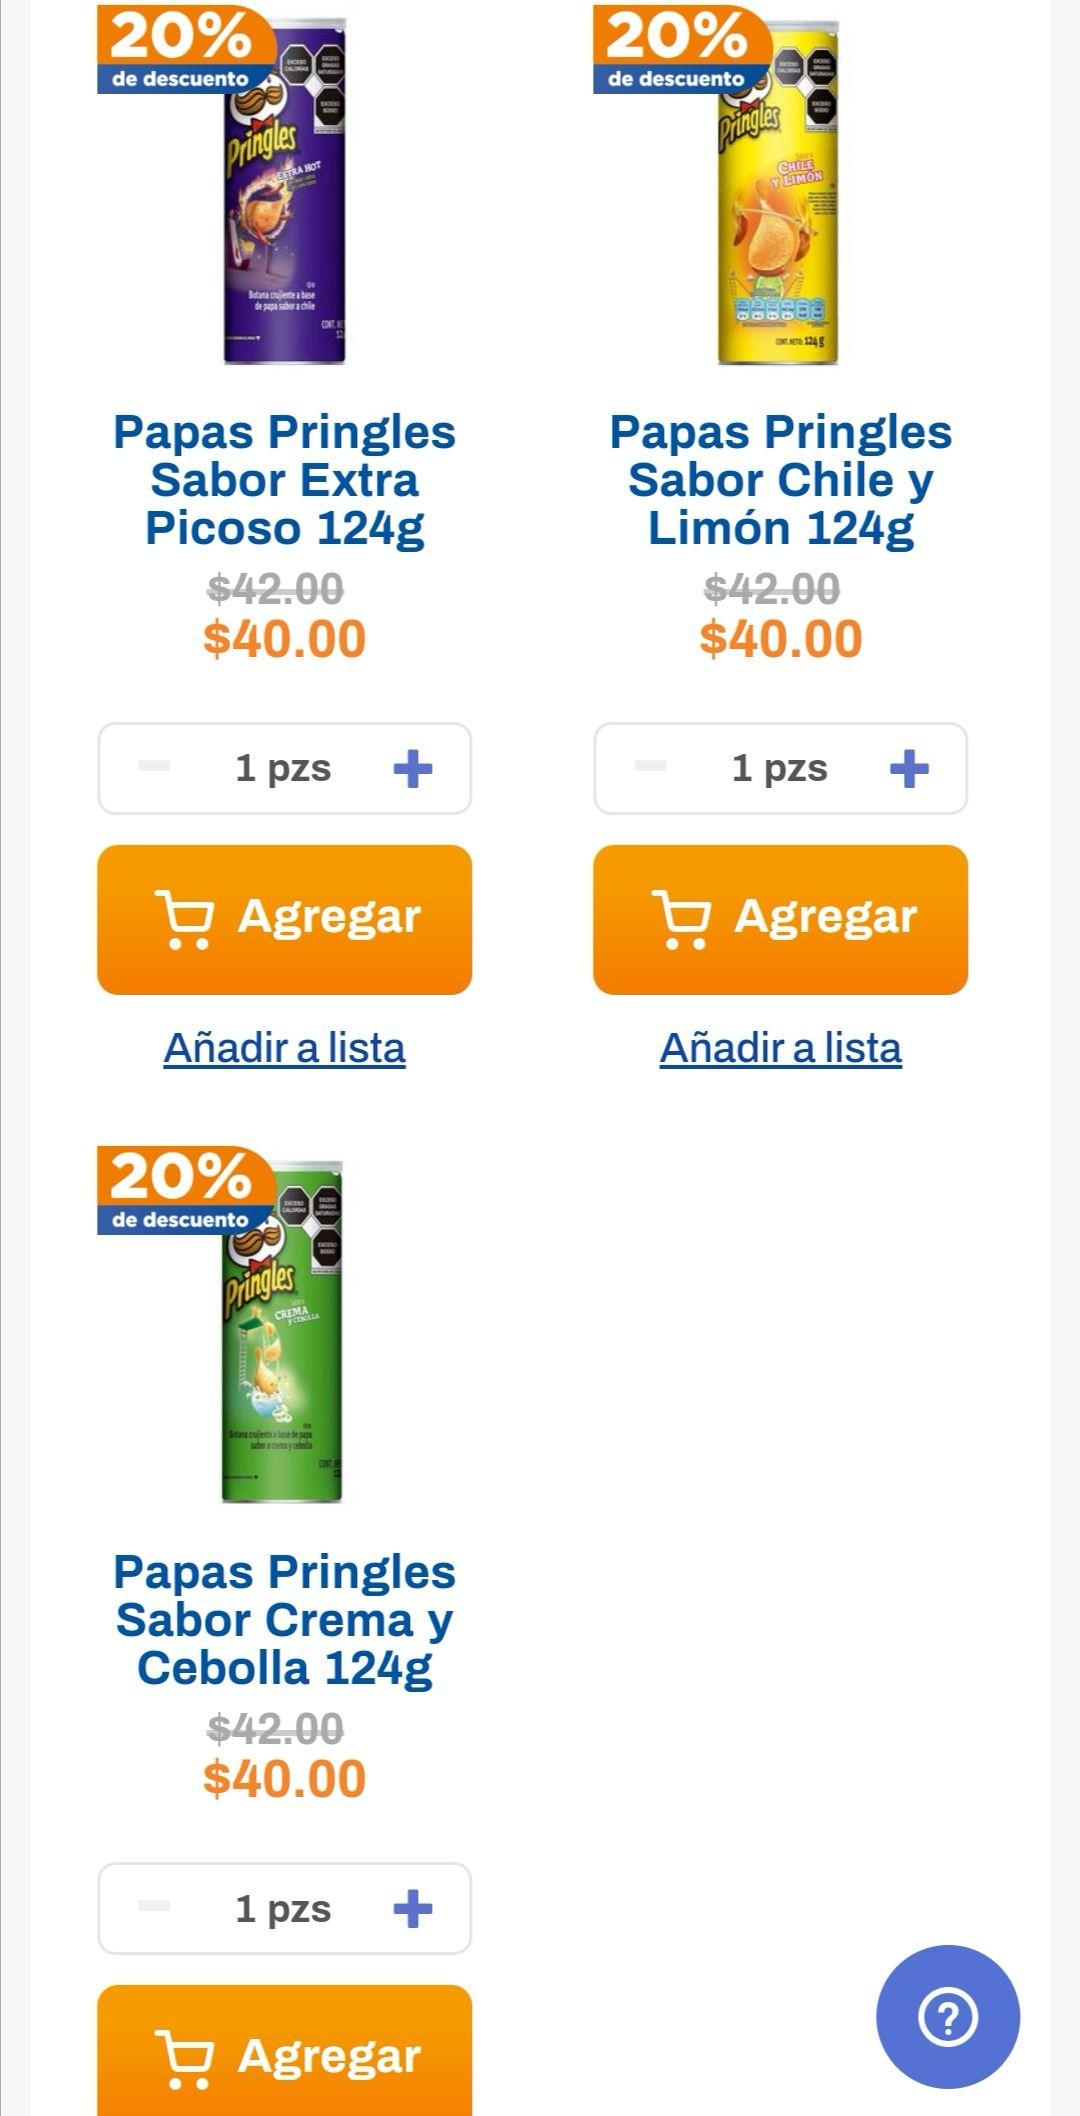 Chedraui: 20% de descuento en papas Pringles 124 g.